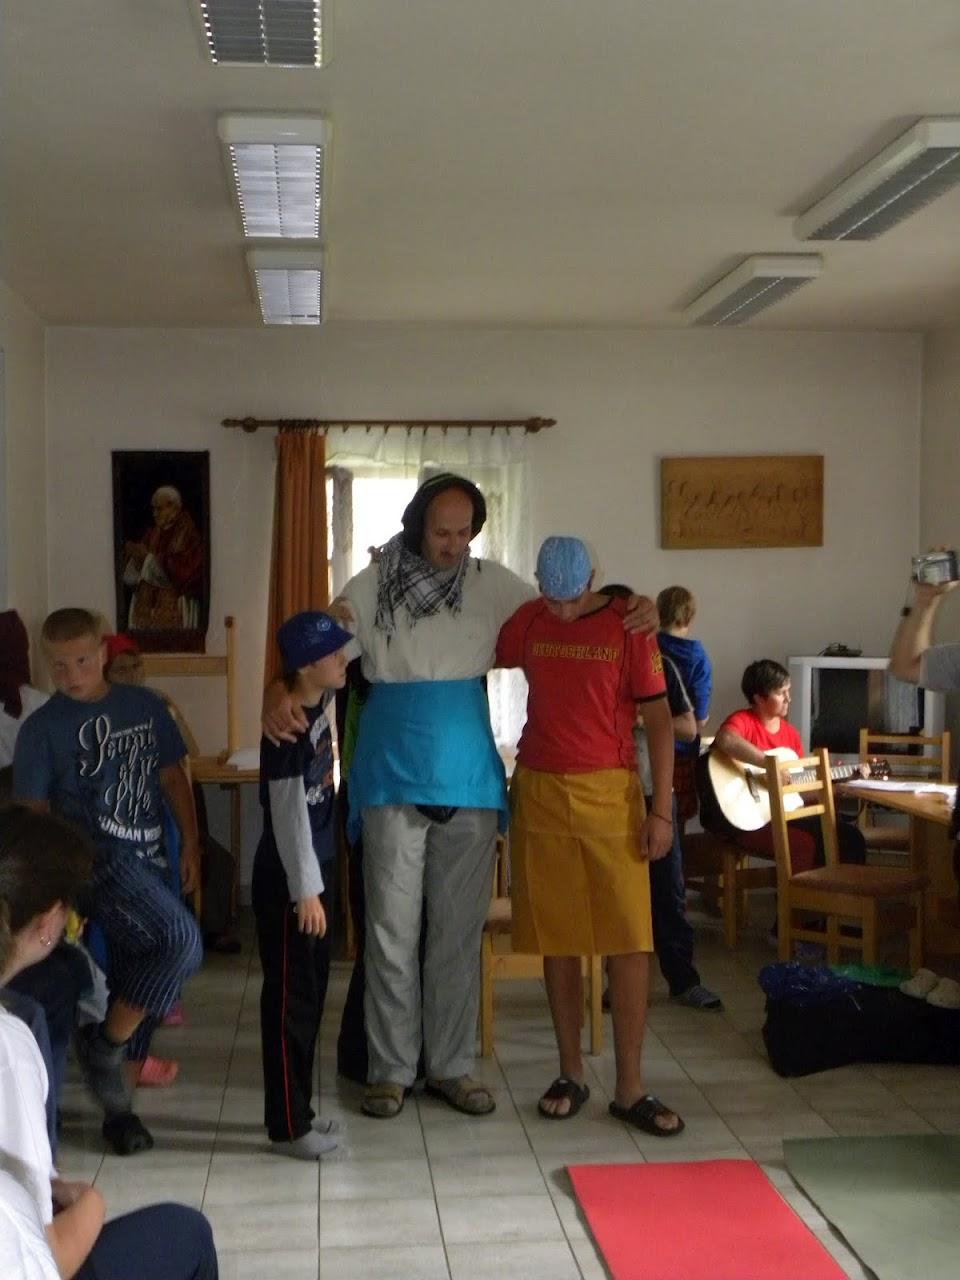 Tábor - Veľké Karlovice - fotka 410.JPG